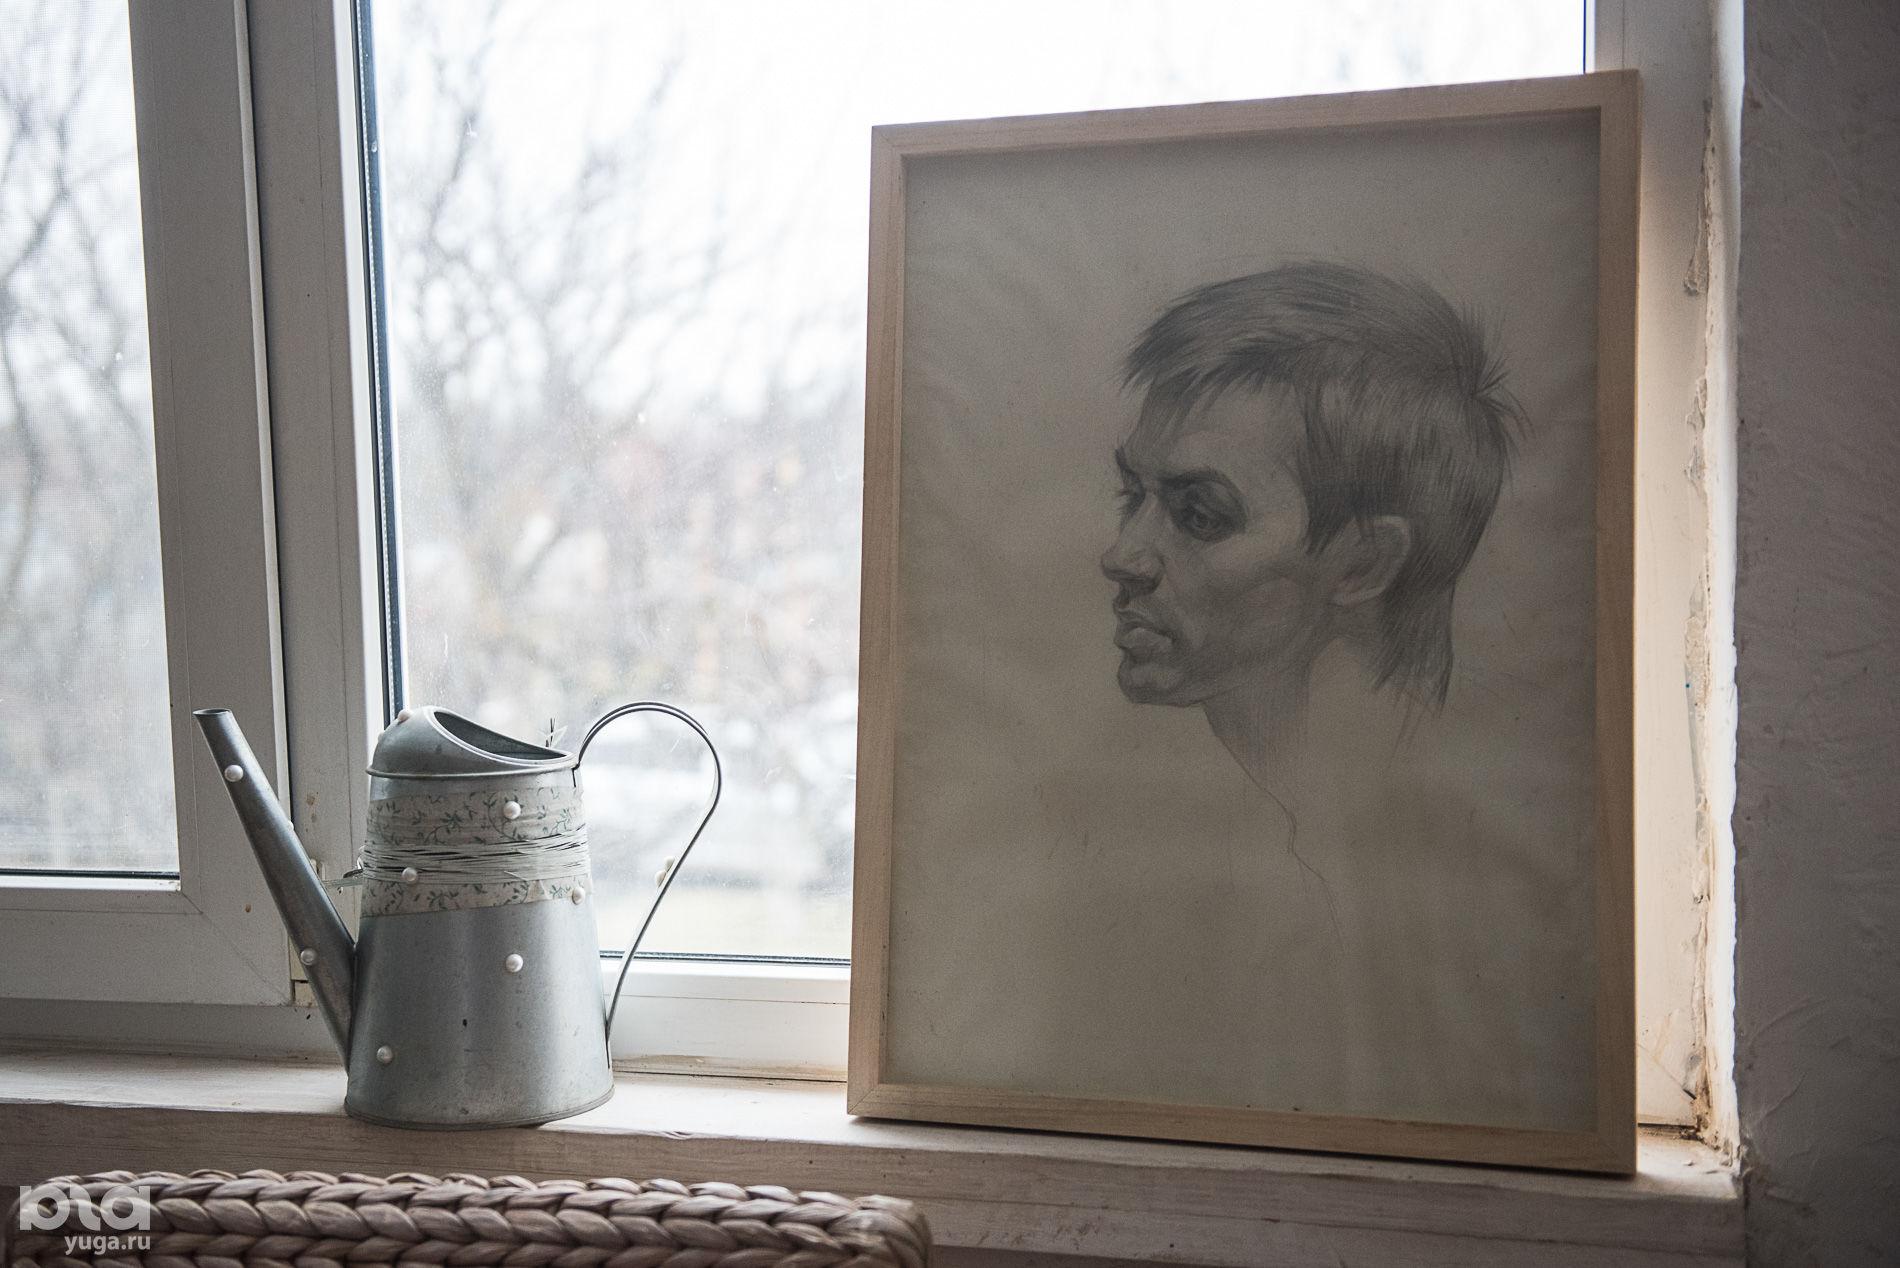 Портрет Валерия авторства Инны Цукахиной, 1987 год. Написан вскоре после поступления в Академию художеств в Киеве.  ©Фото Елены Синеок, Юга.ру